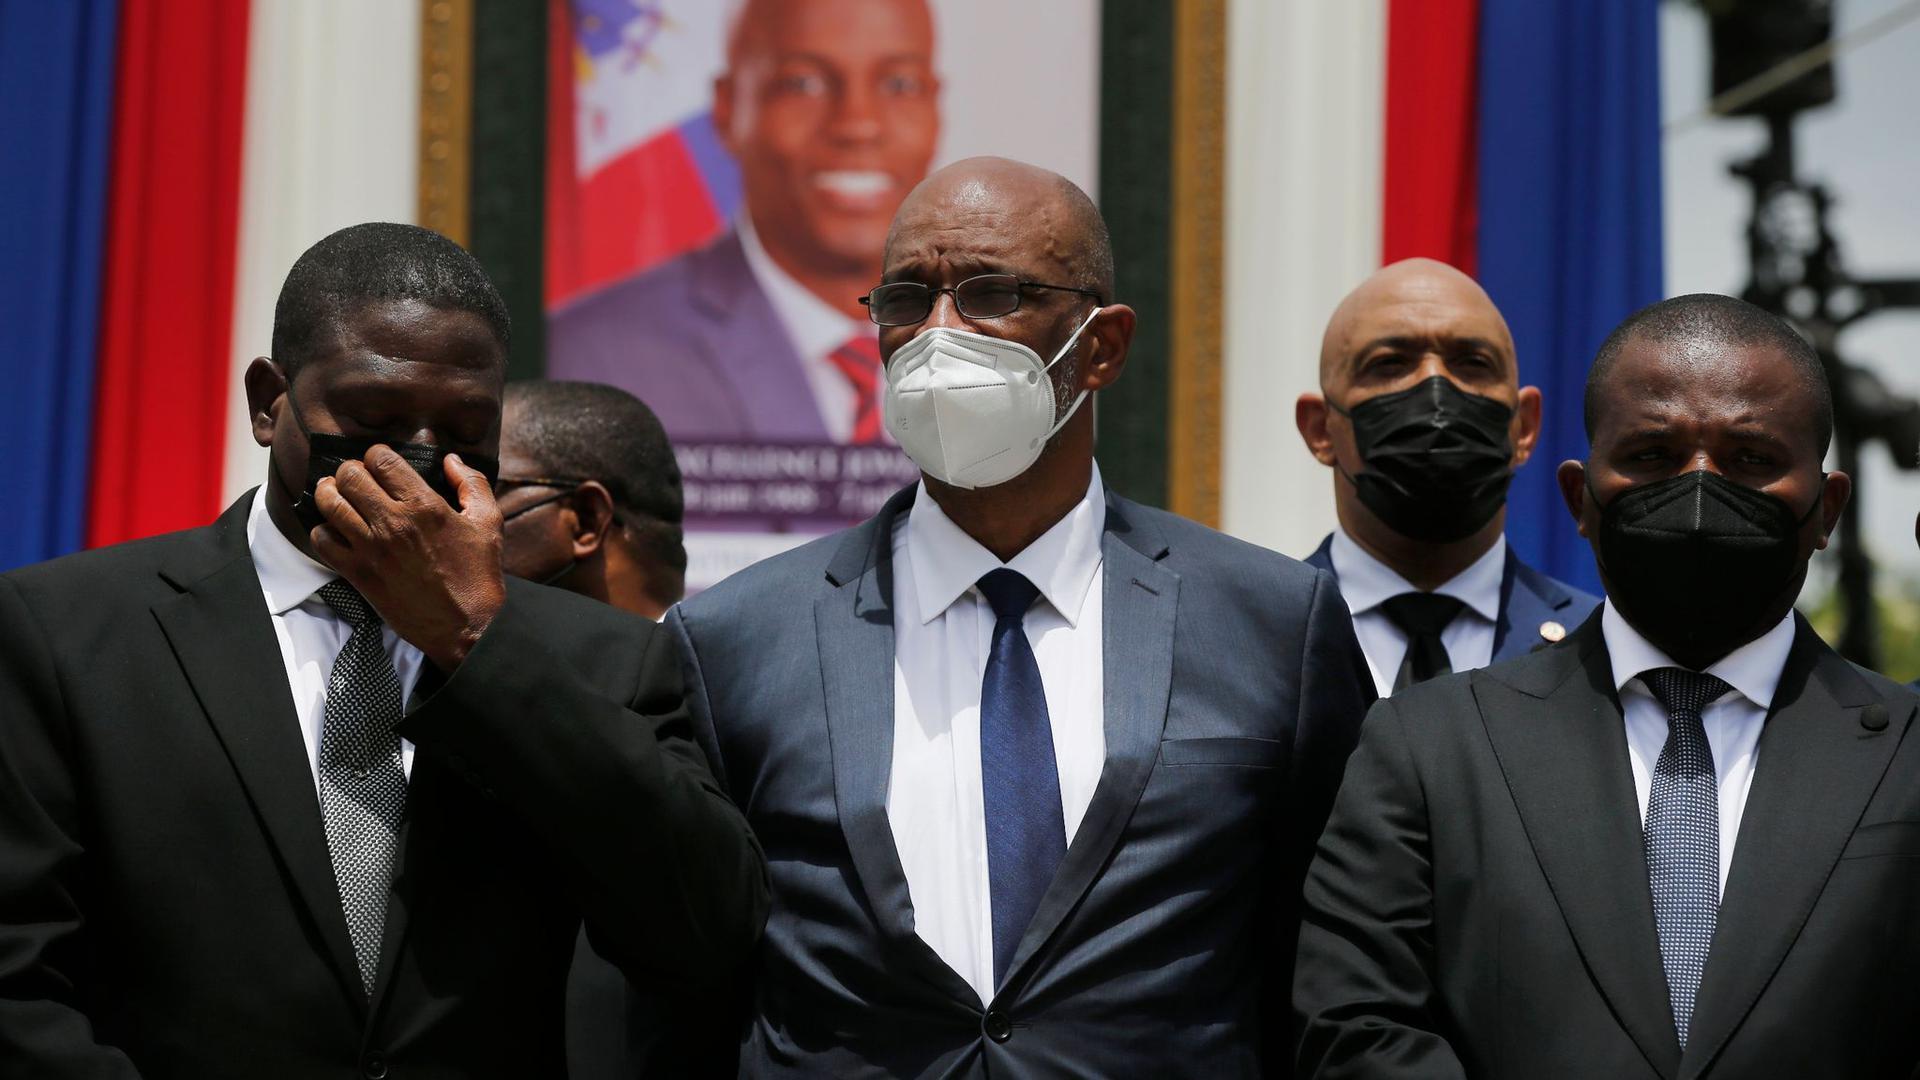 Ariel Henry (M), designierter Premierminister von Haiti, und Interims-Regierungschef Claude Joseph (r) stehenvor einem Porträt des ermordeten haitianischen Präsidenten Jovenel Moise.